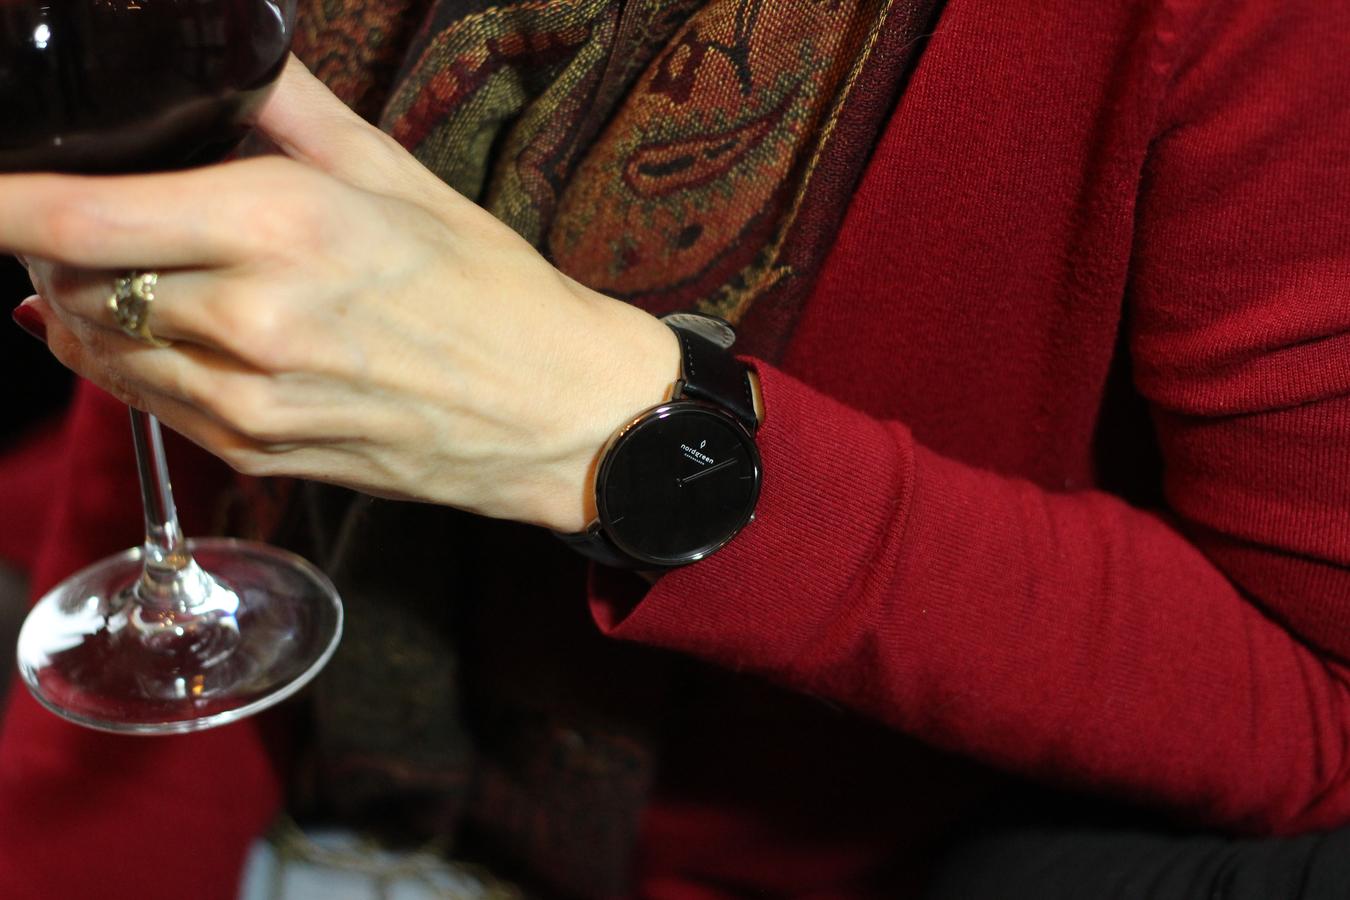 Uhr im dänischen Design, schwarze klassische Uhr, Uhr für Männer und Frauen, Alternative zu Daniel Wellington,